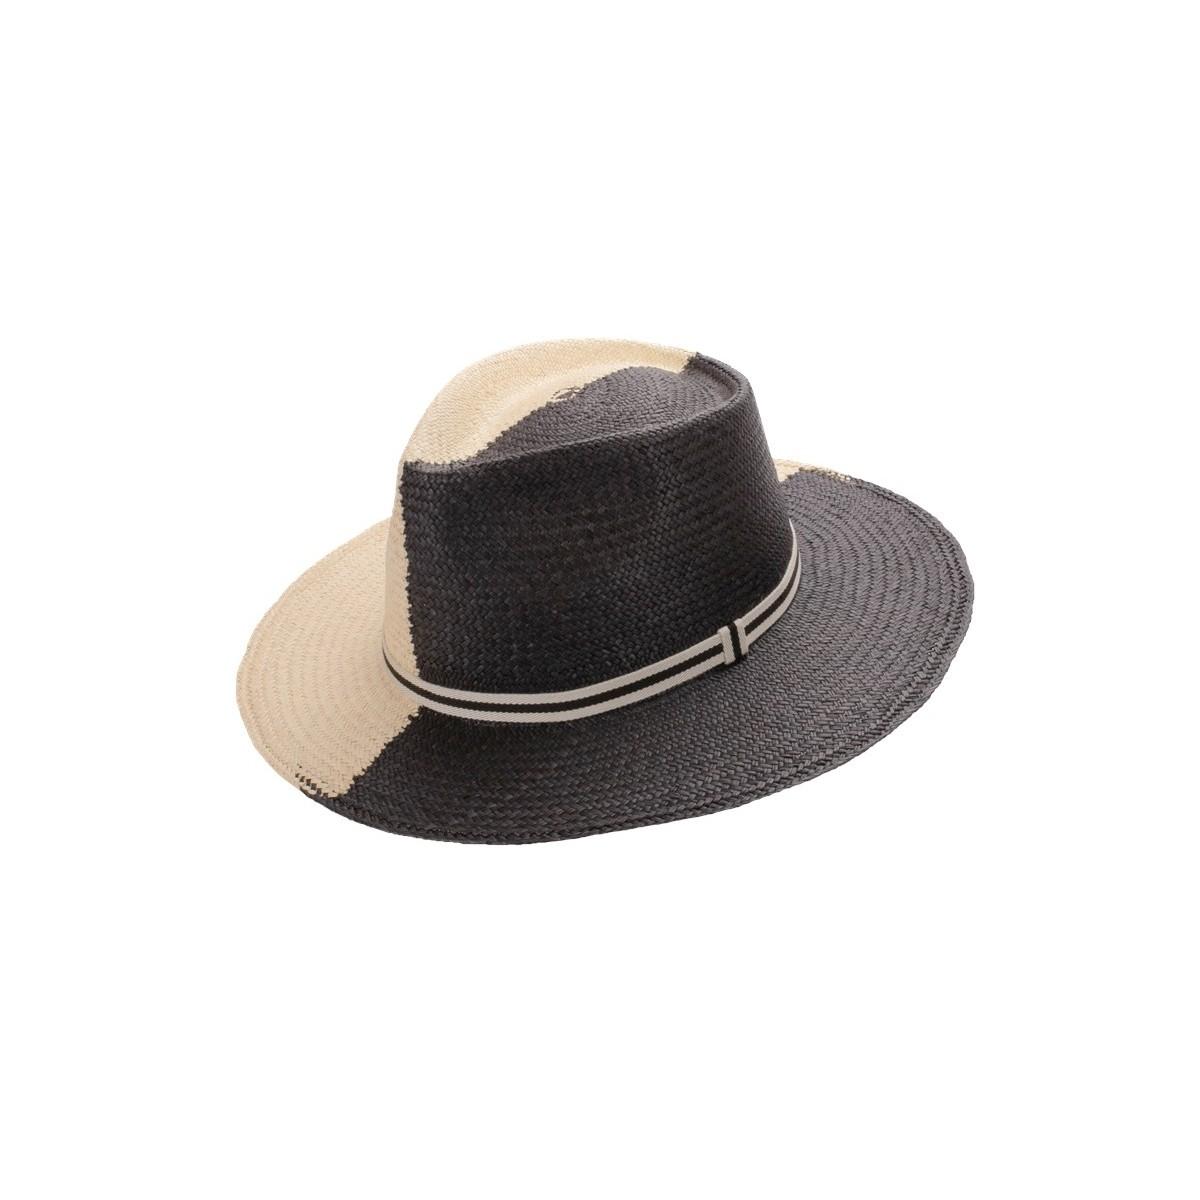 Debla sombrero de hombre panamá ala plana ying yang en colores blanco y negro. Fernández y ROCHE.